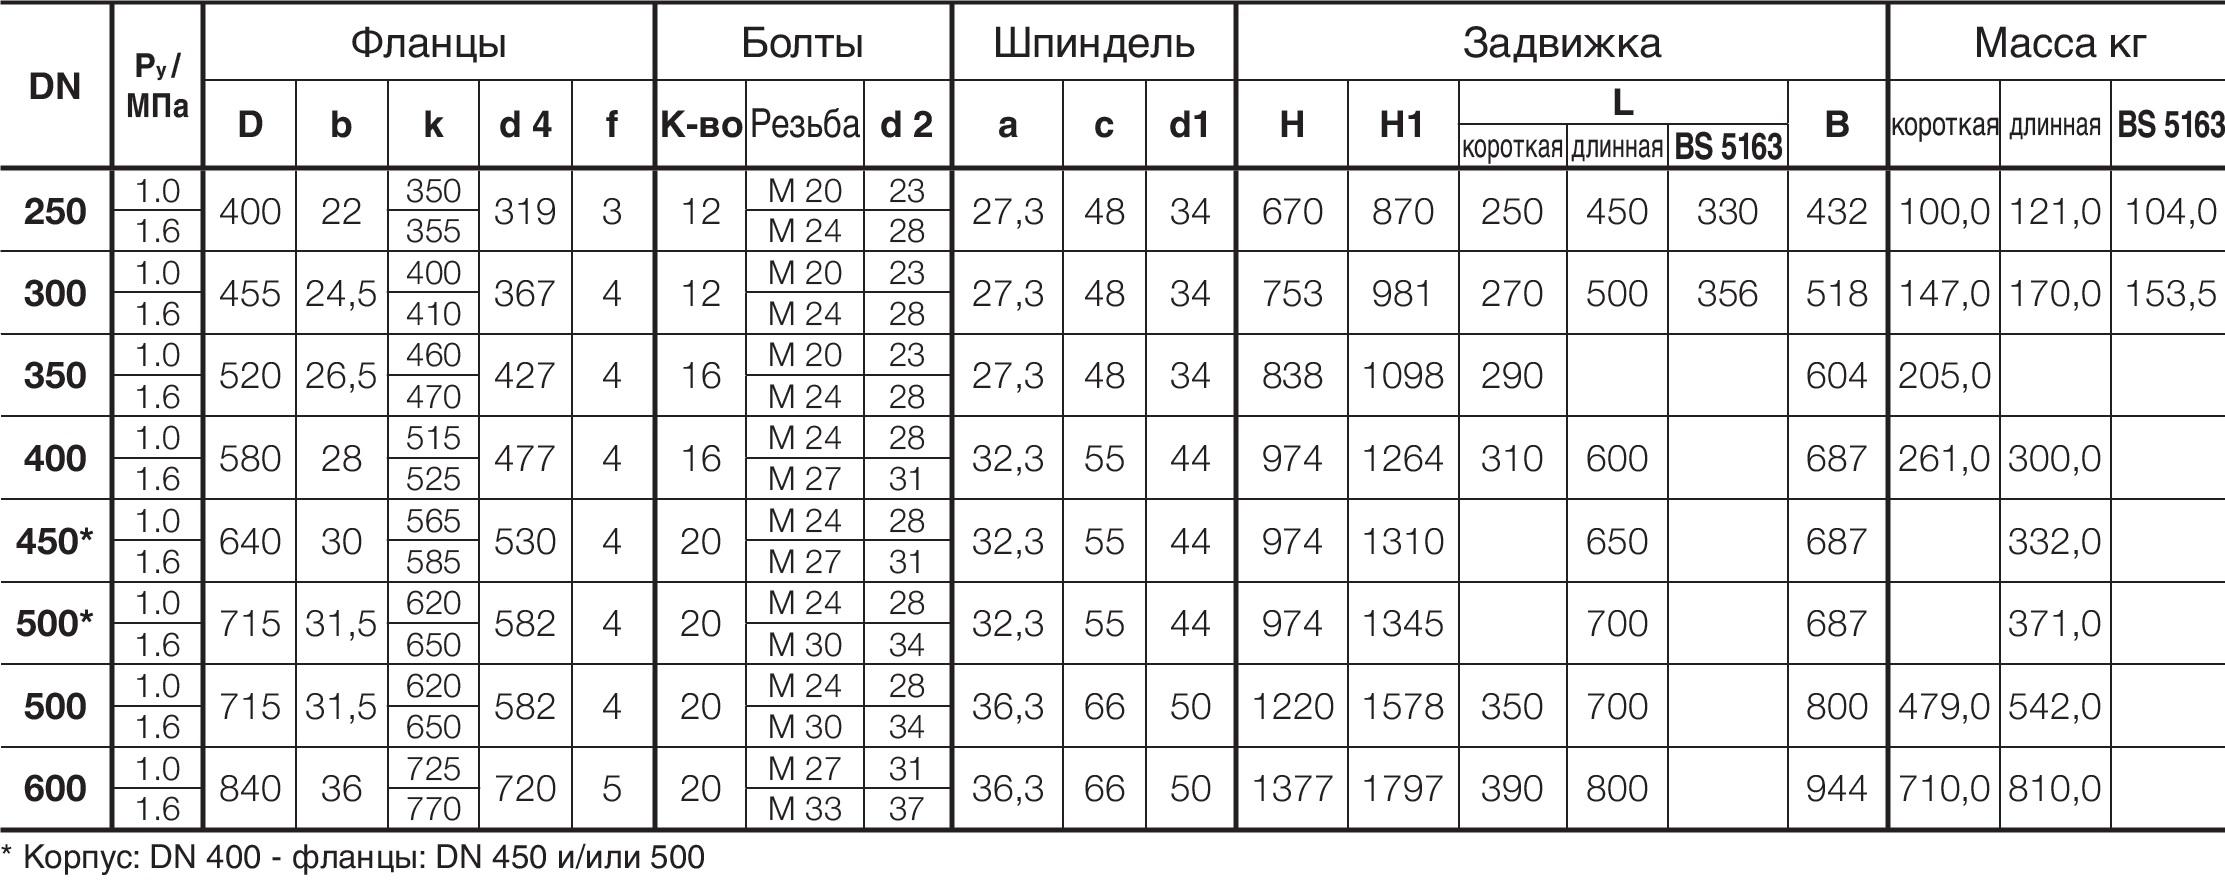 Таблица характеристик для Задвижка клиновая чугунная фланцевая Hawle 4000E2 DN100 PN16